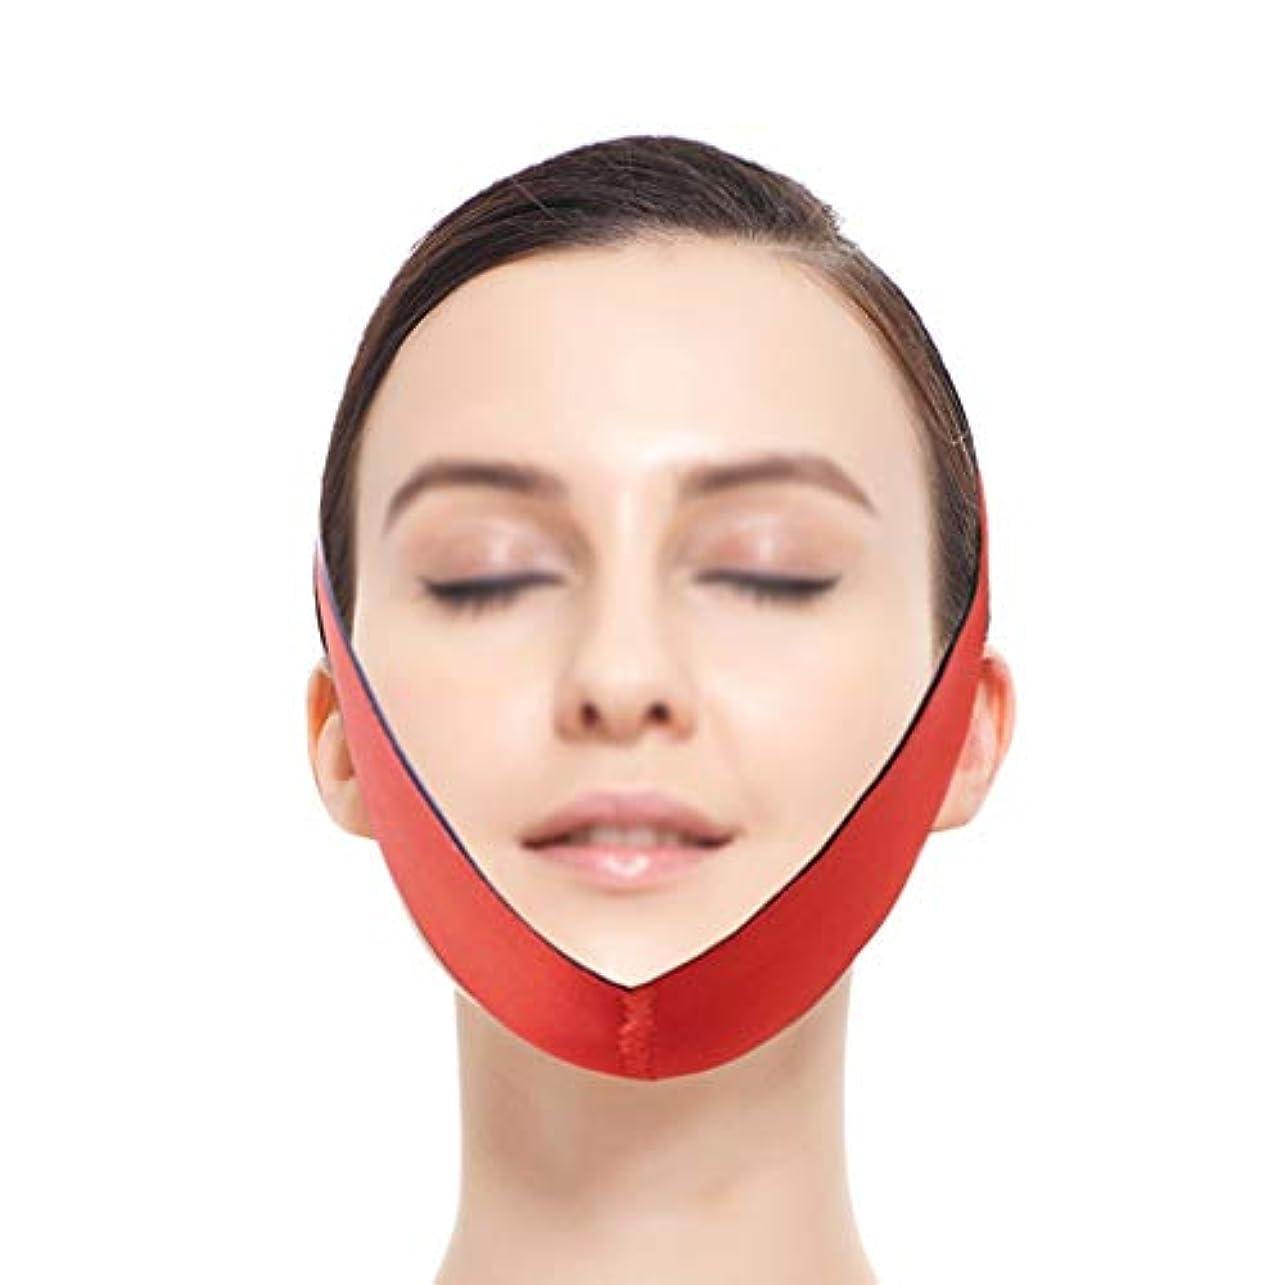 XHLMRMJ フェイスリフティングマスク、Vフェイスリフティングおよび締め付け、二重あご減量包帯、フェイシャルリフティングフェイスバンド(すべてのコード)